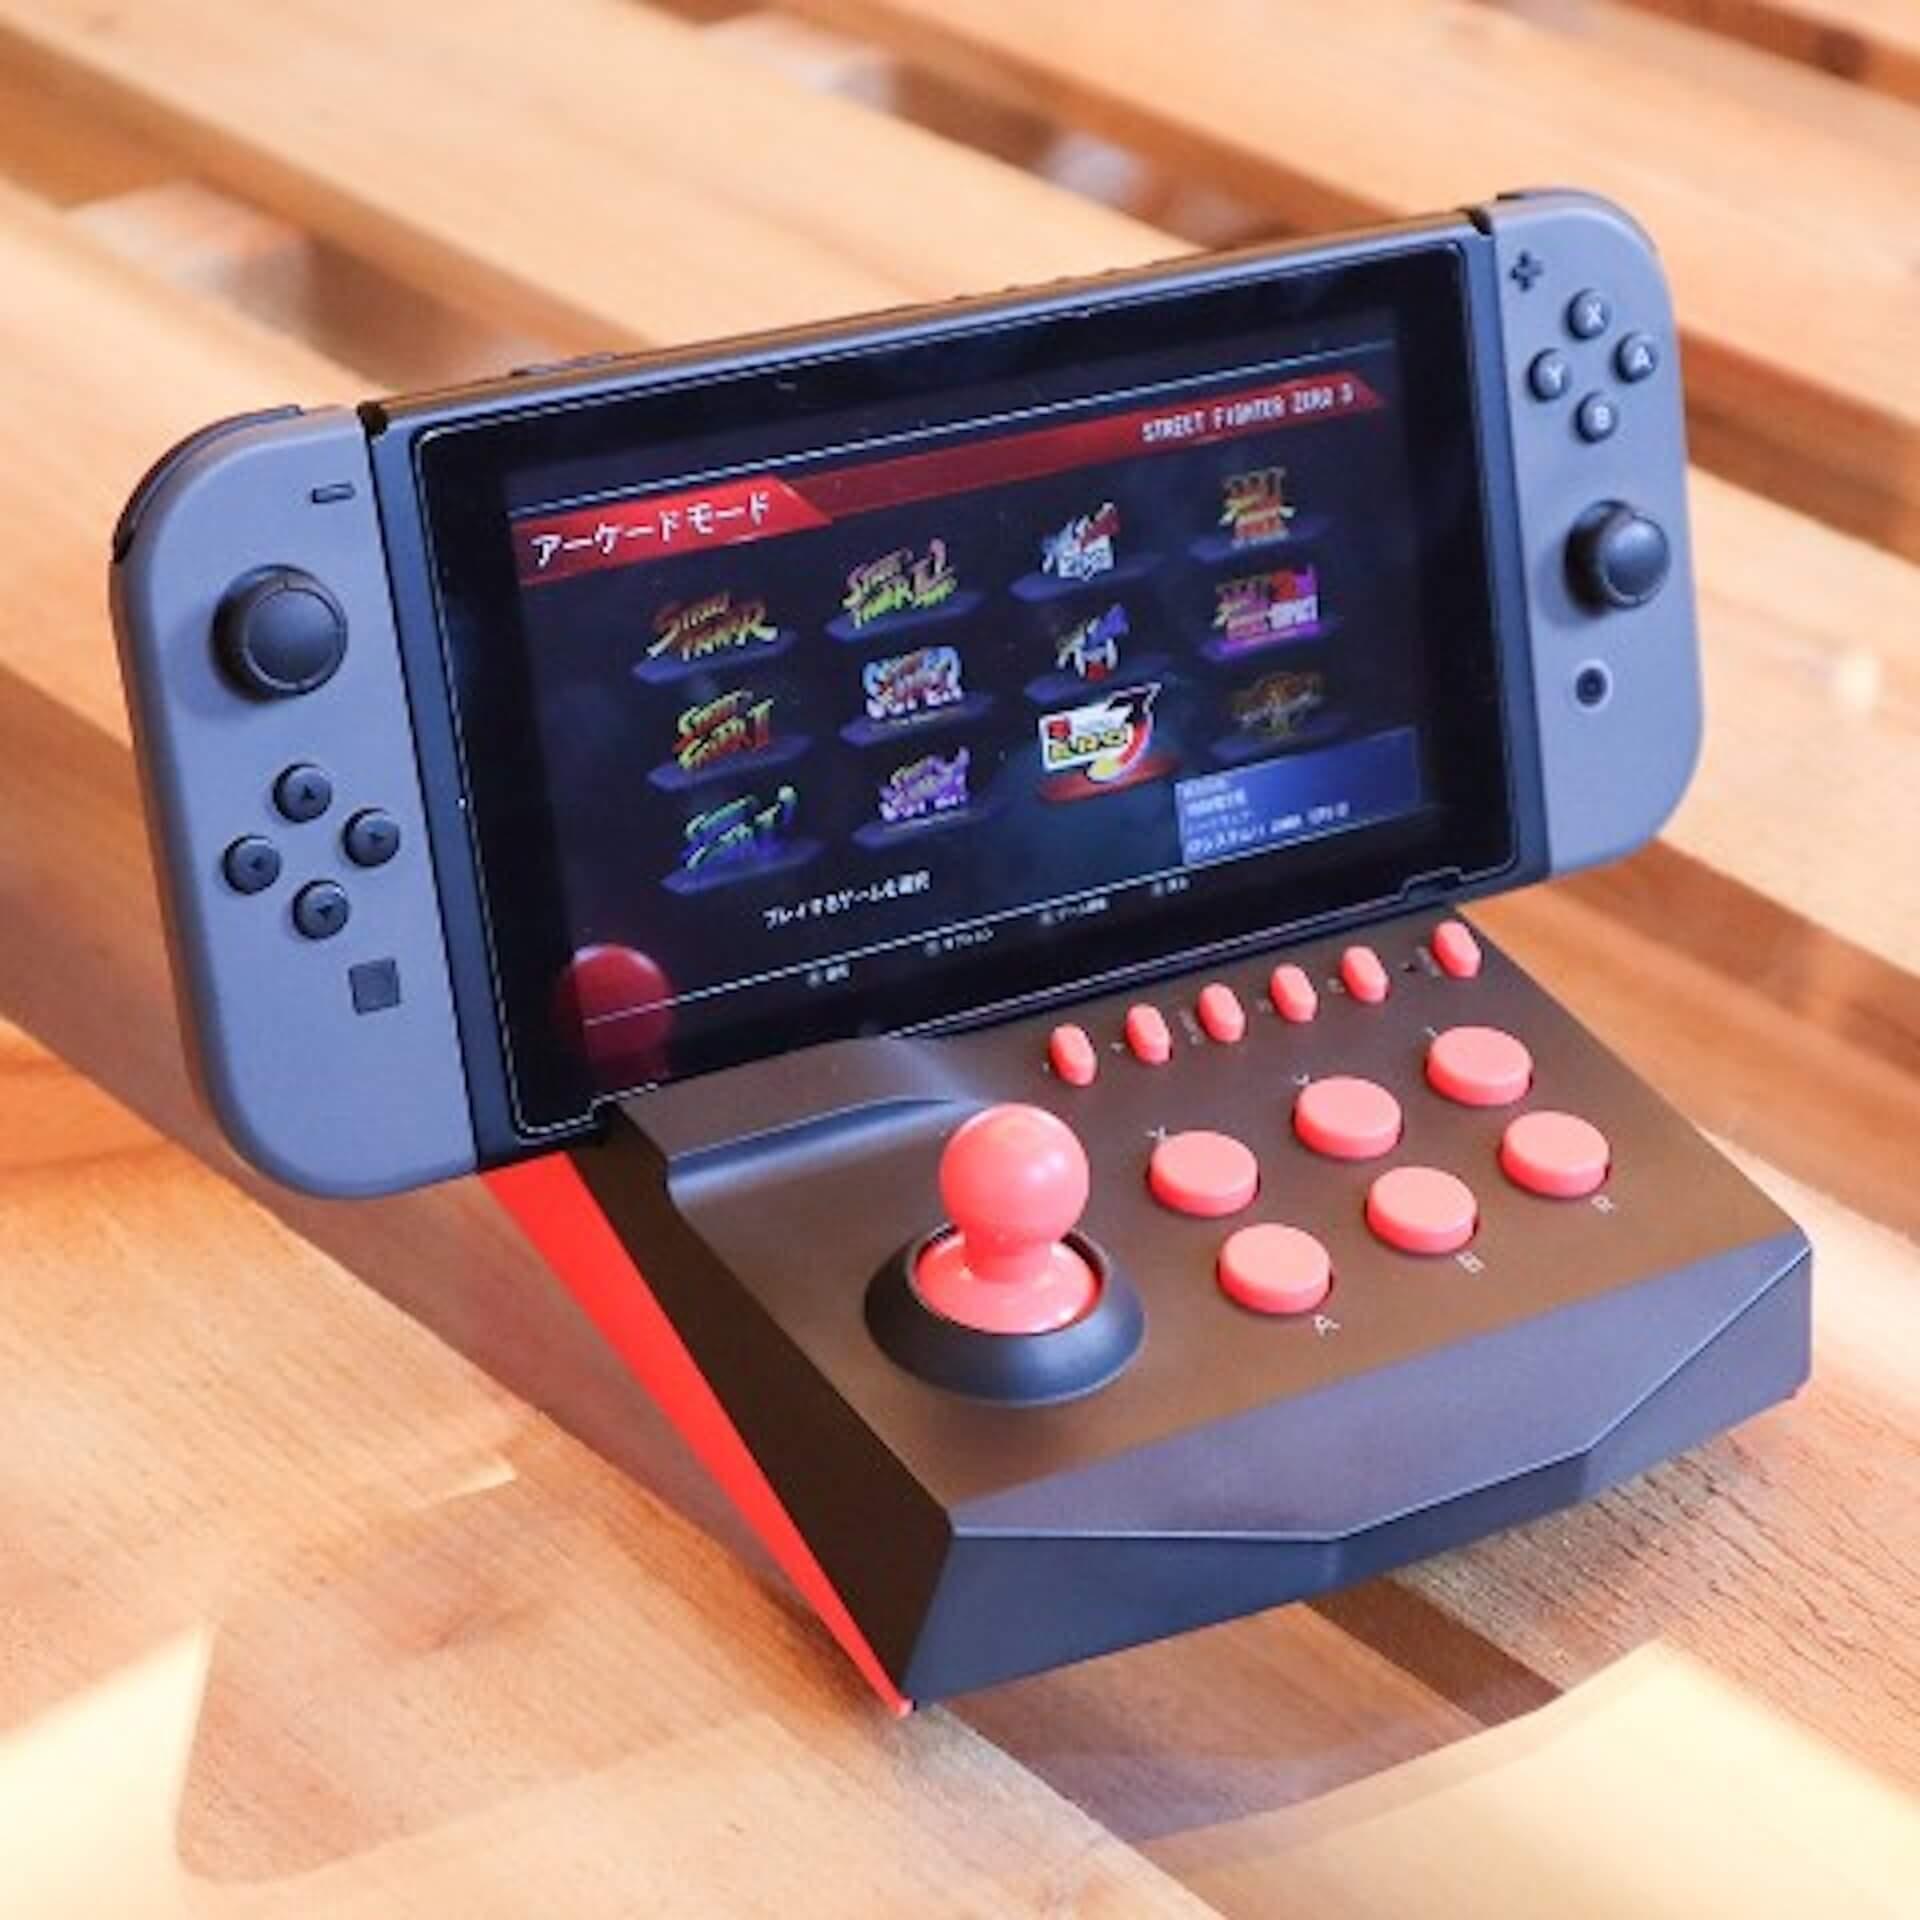 Nintendo Switchのゲームをアーケードゲーム風にプレイできる!ヴィレヴァンオンラインに充電できる「アーケードコントローラー」が登場 tech210323_nintendoswitch_controller_5